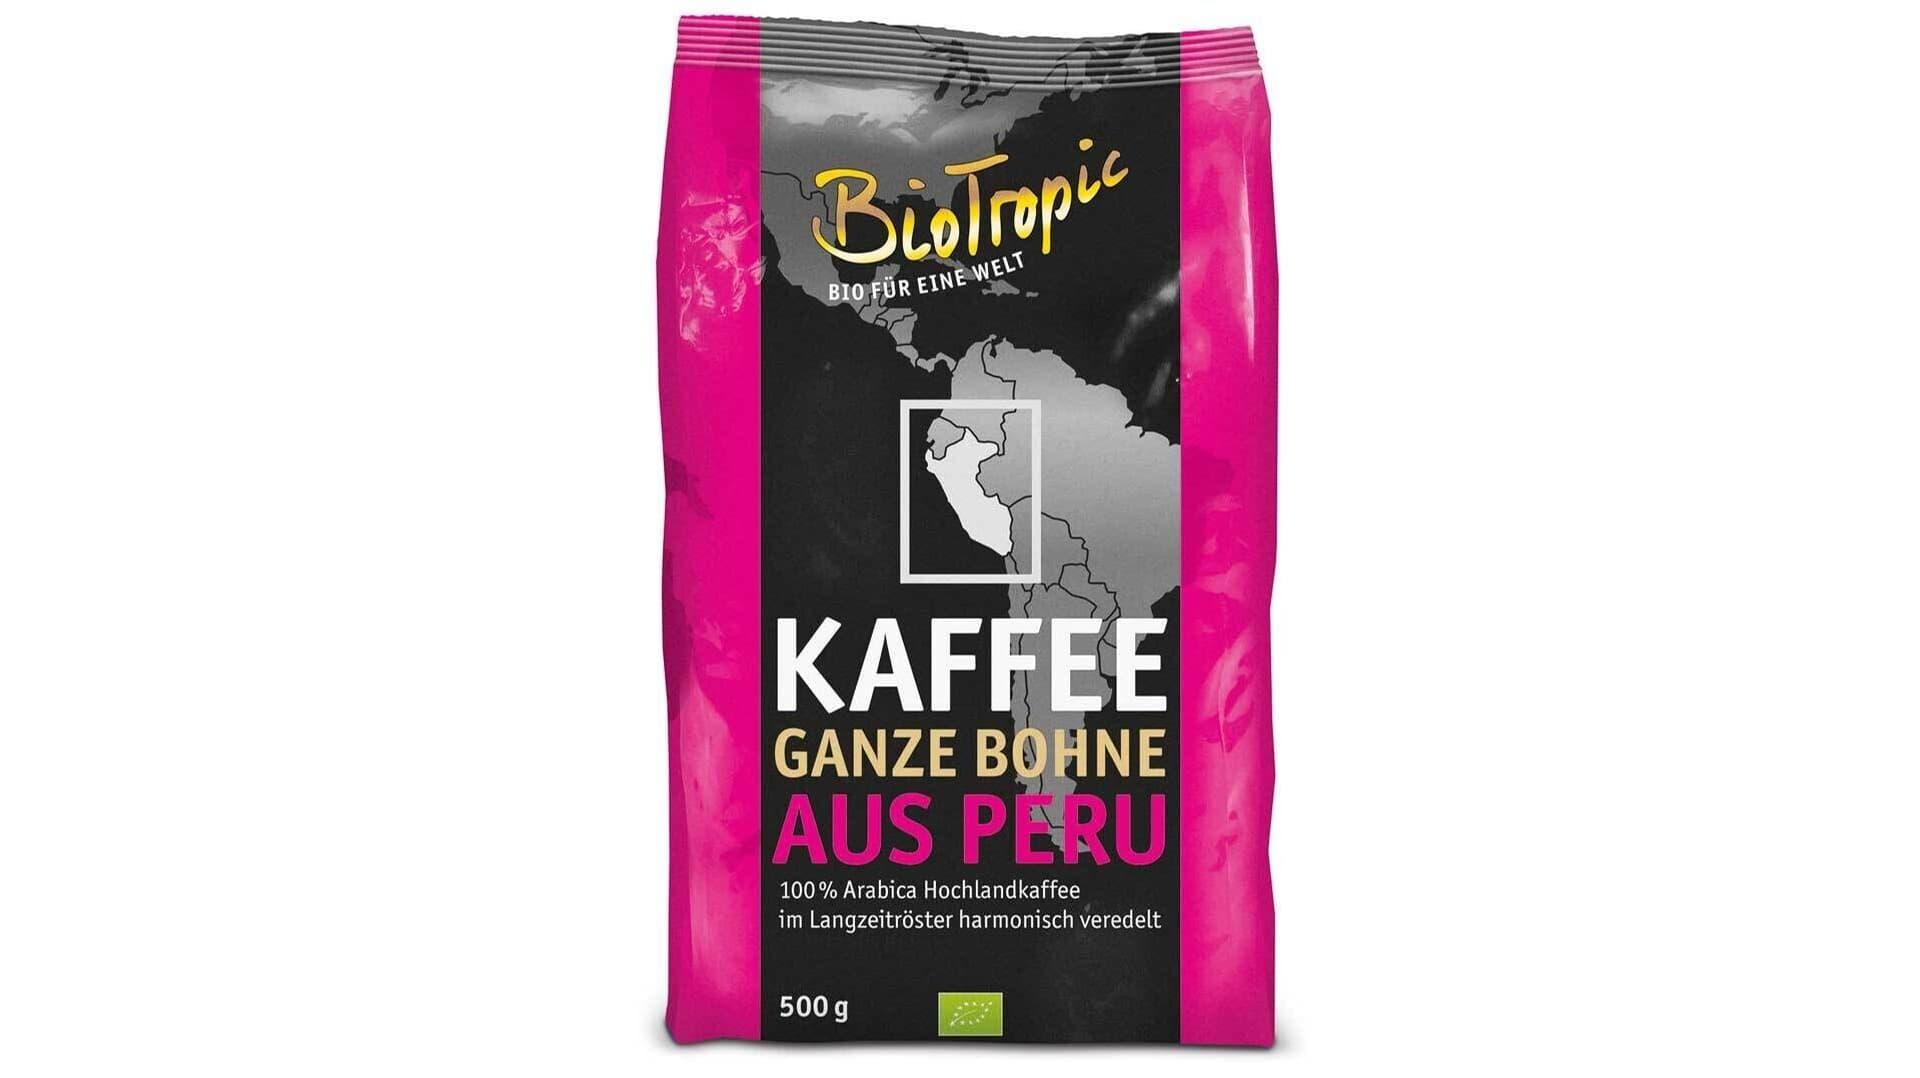 Kaffee von Biotropic